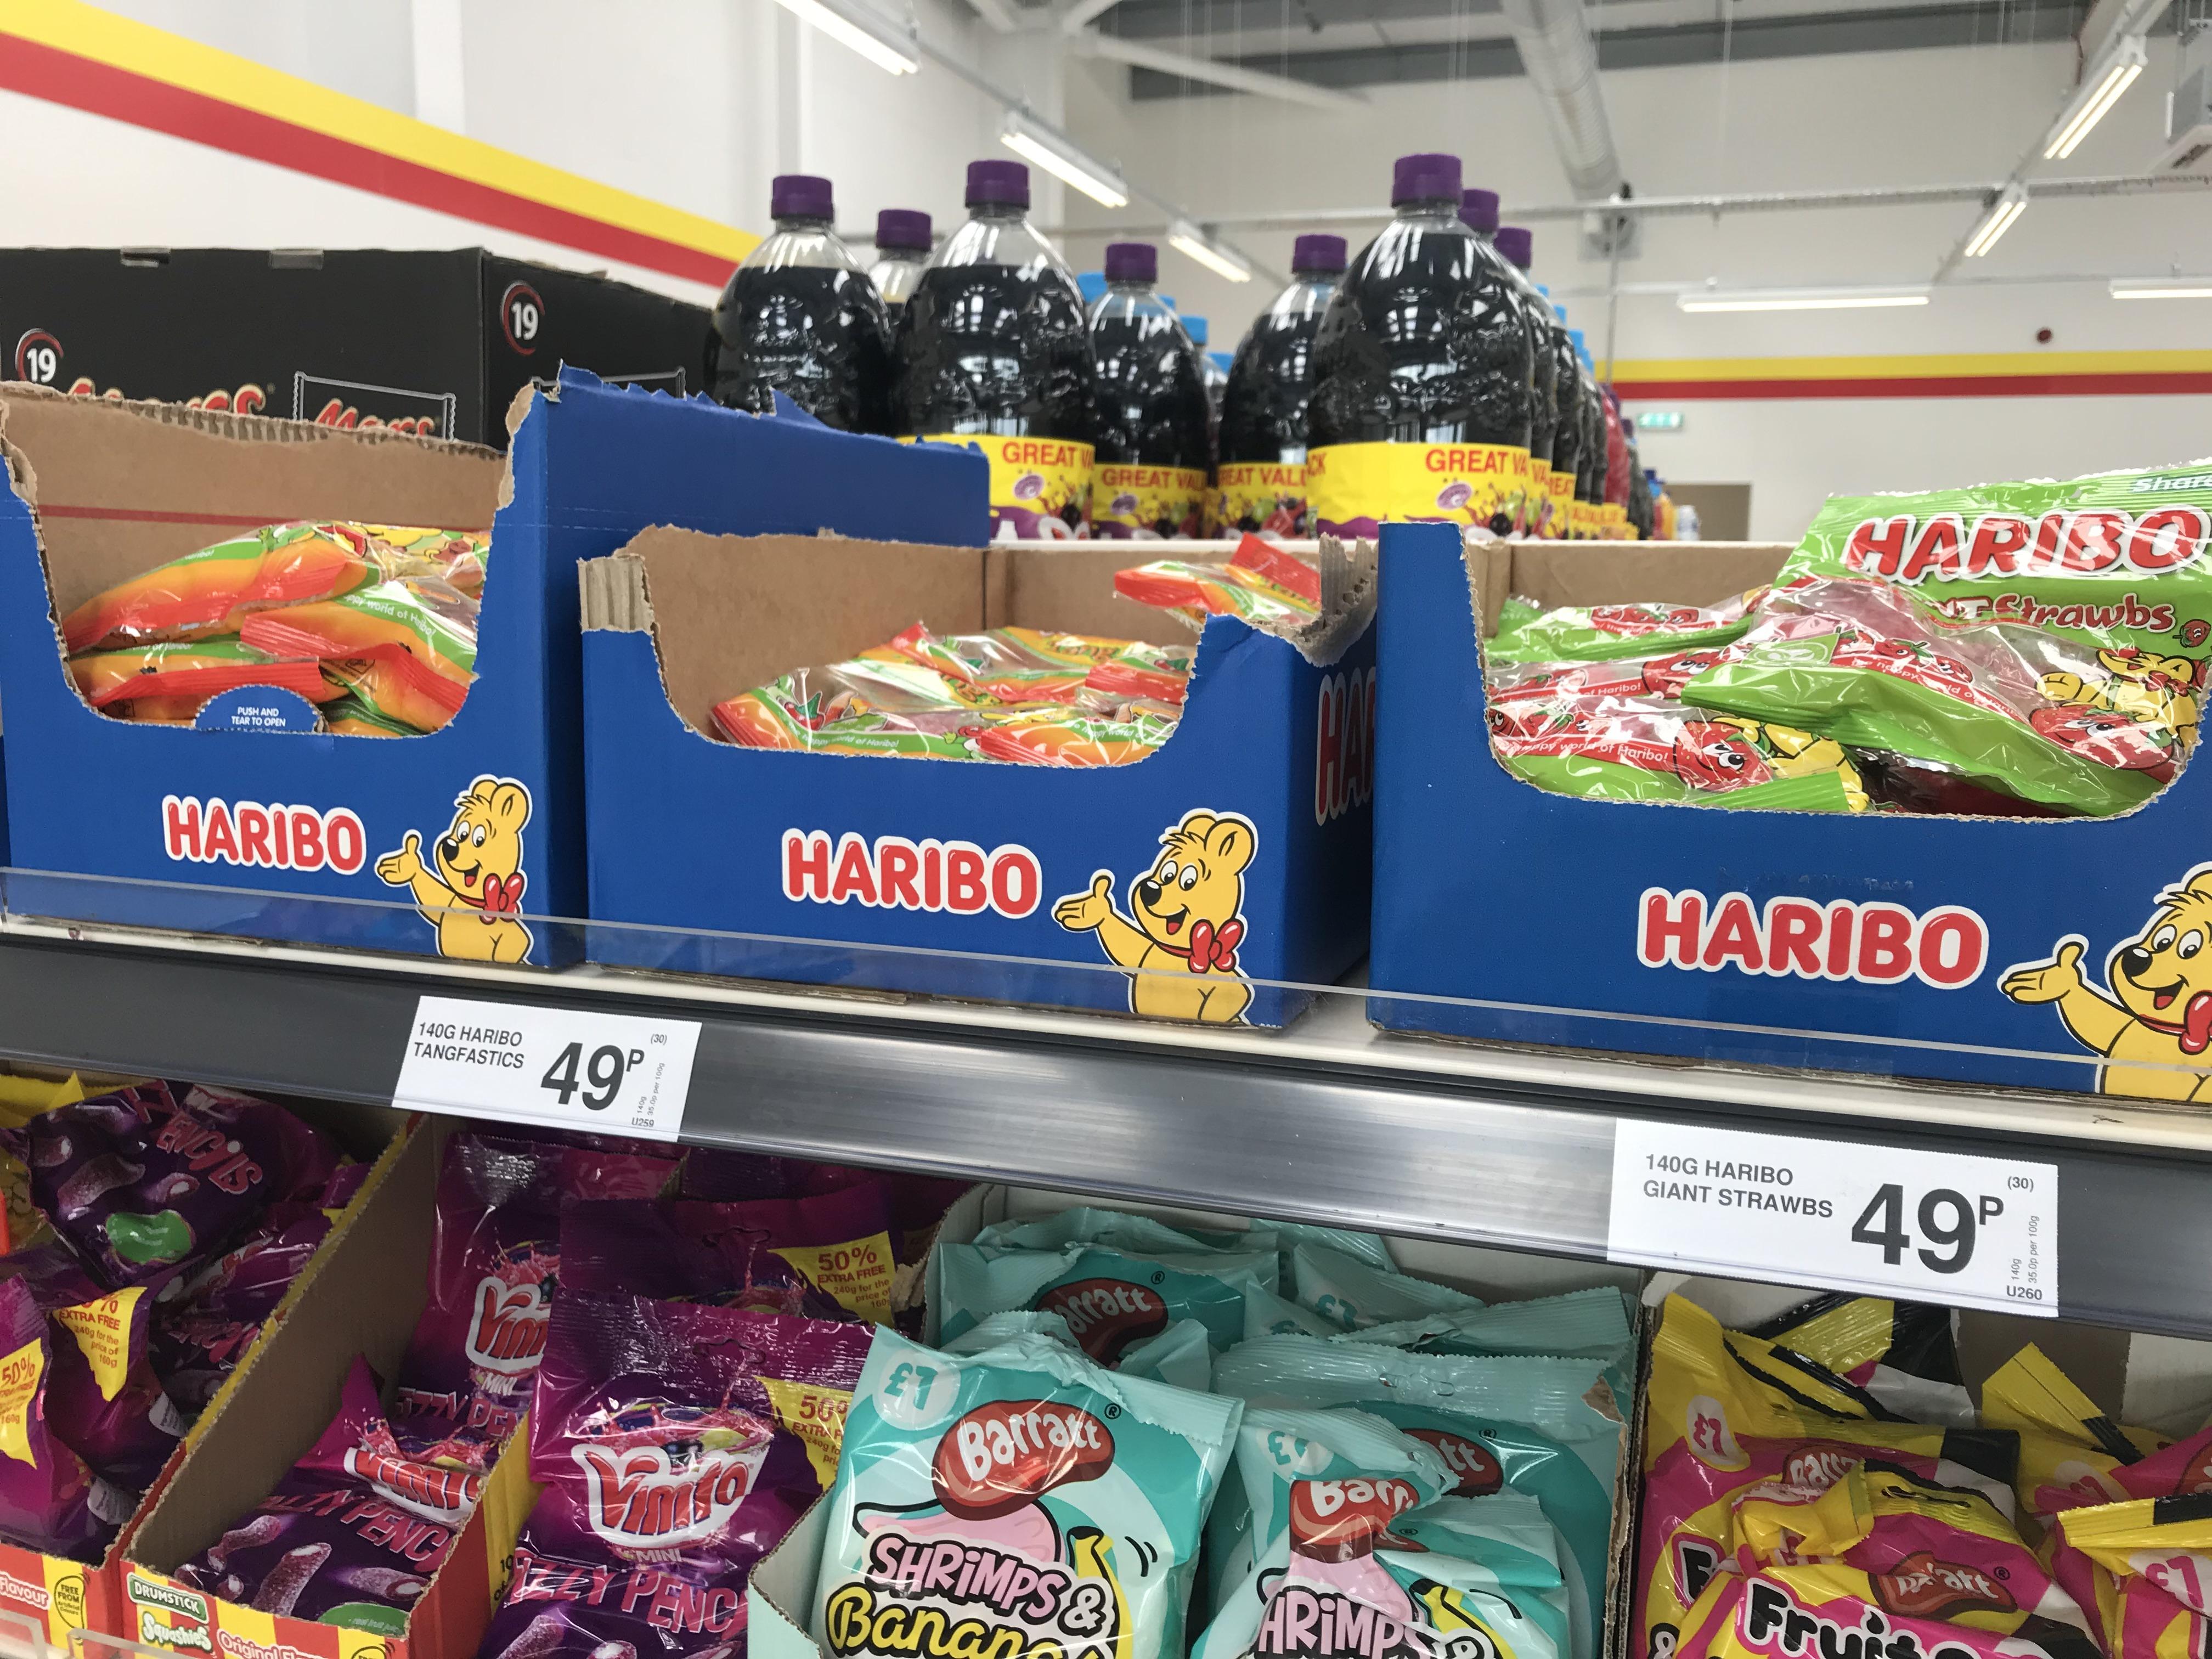 Haribo 140g bags 49p @ FarmFoods instore